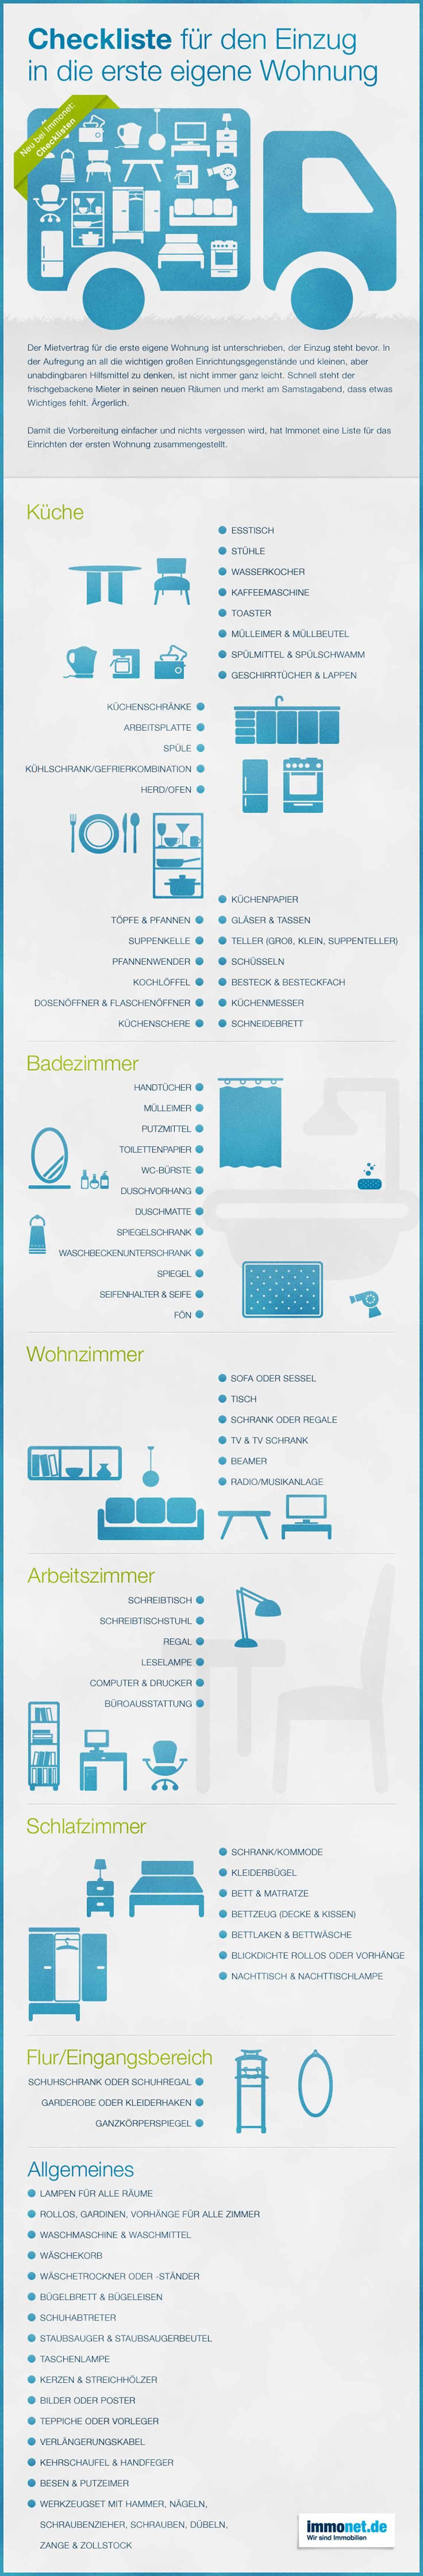 checkliste f r den einzug in die erste eigene wohnung putzen limpiar cleaning. Black Bedroom Furniture Sets. Home Design Ideas